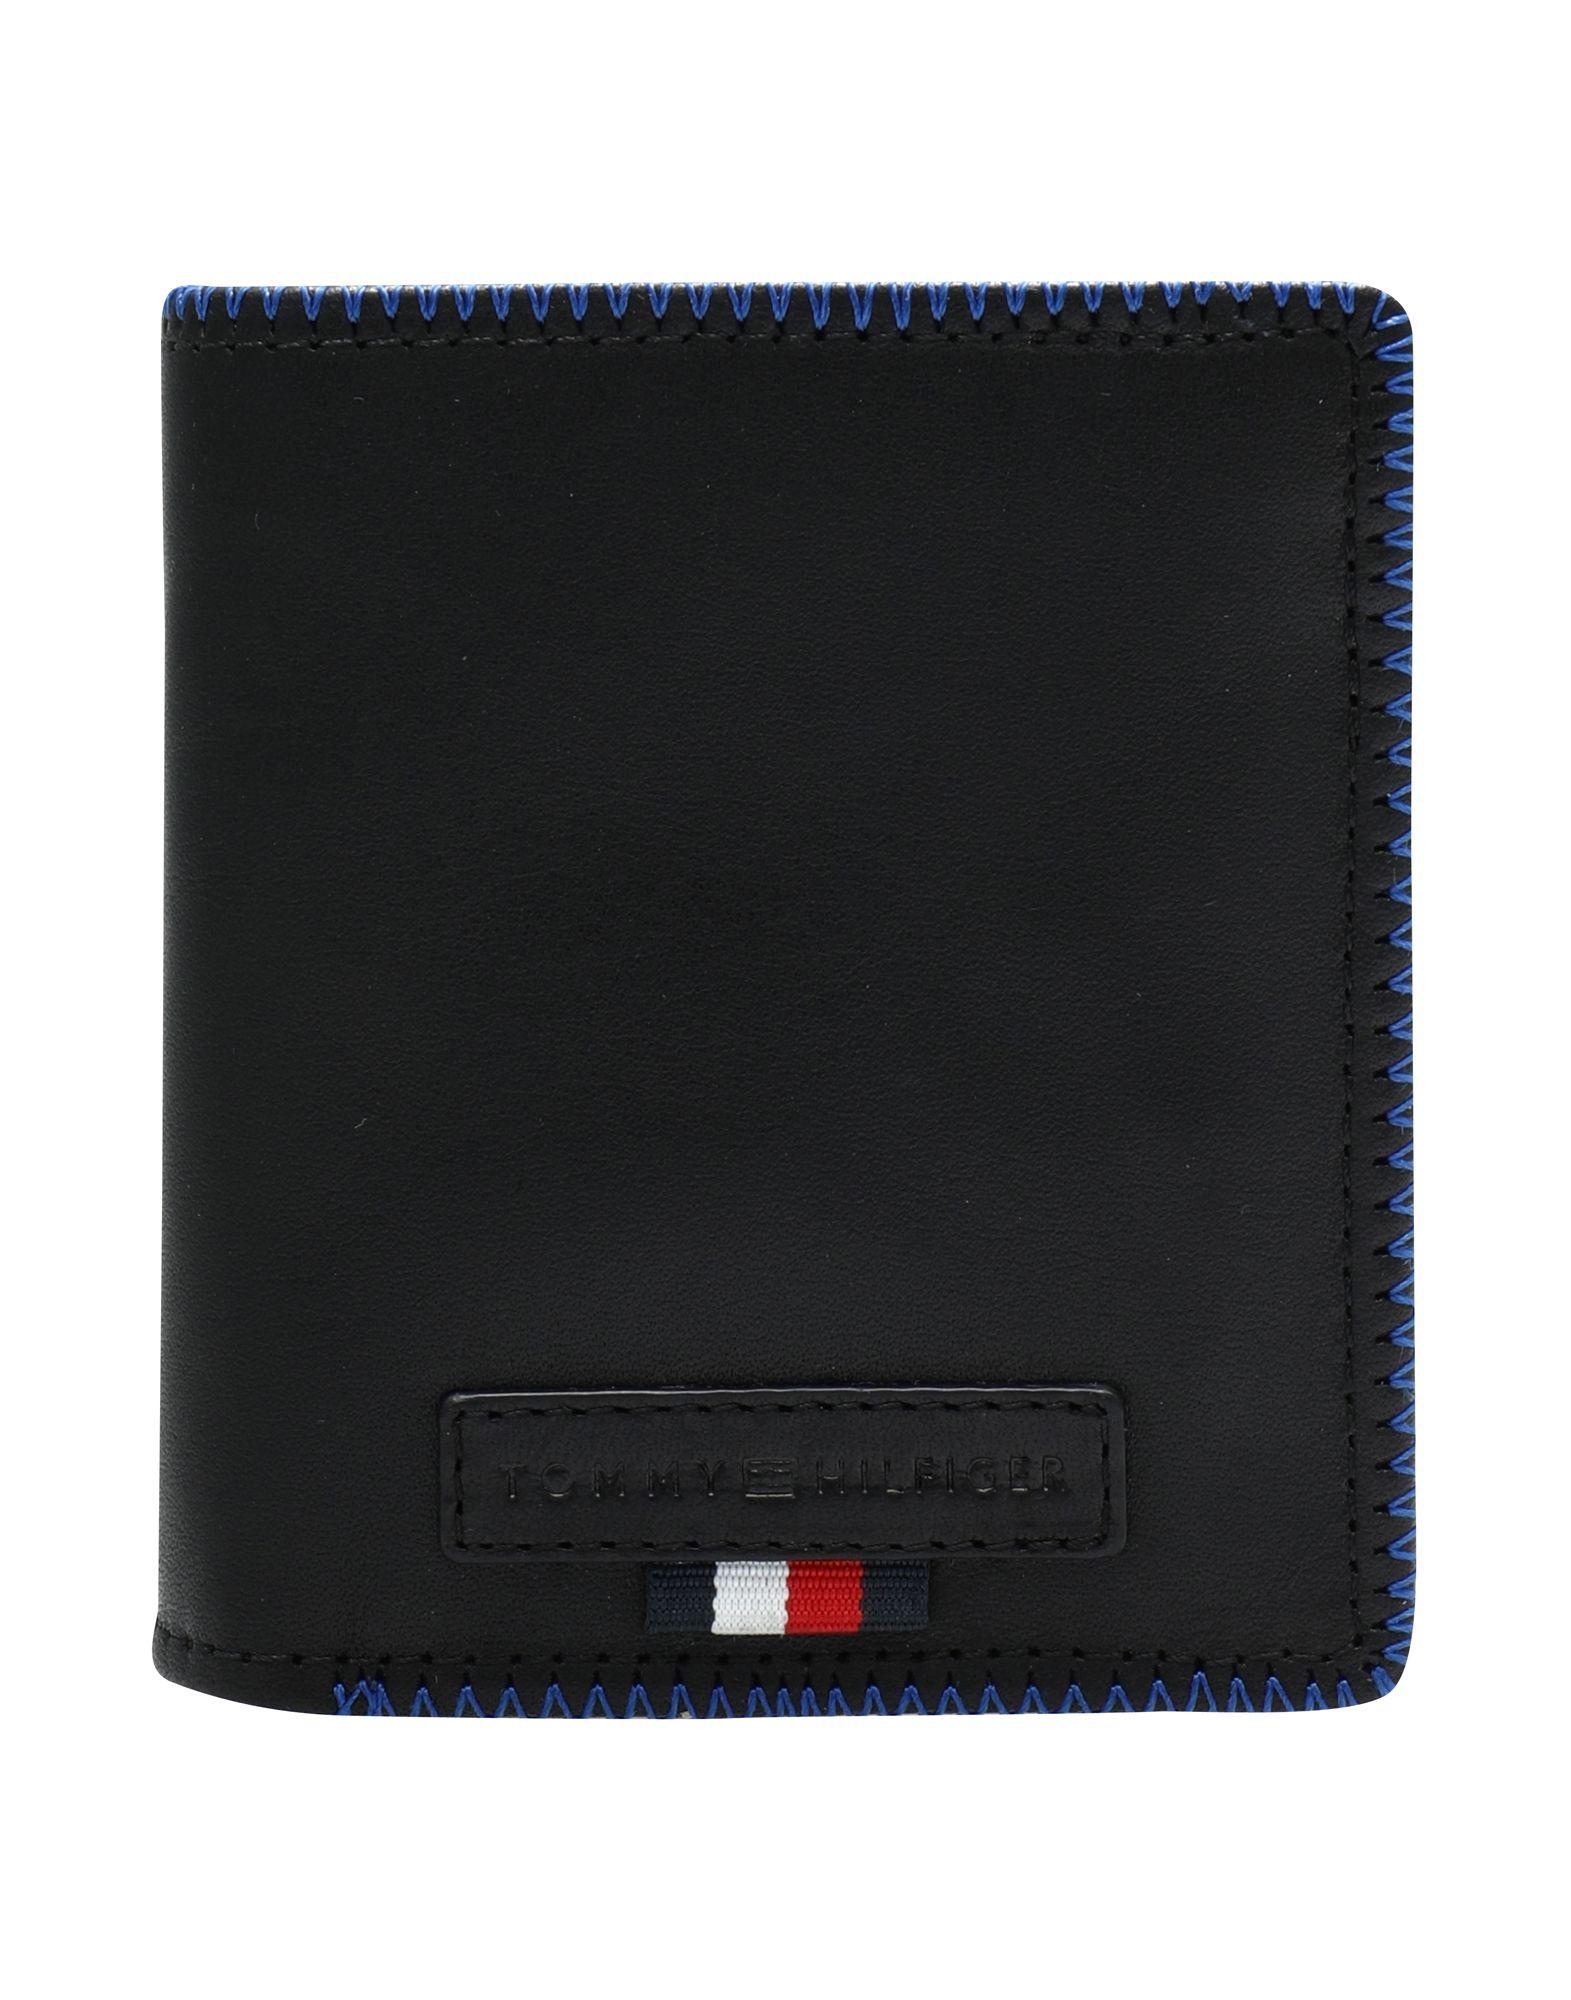 《送料無料》TOMMY HILFIGER メンズ 財布 ブラック 牛革 100% EDGE STITCH NS TRIFO, 002, OS